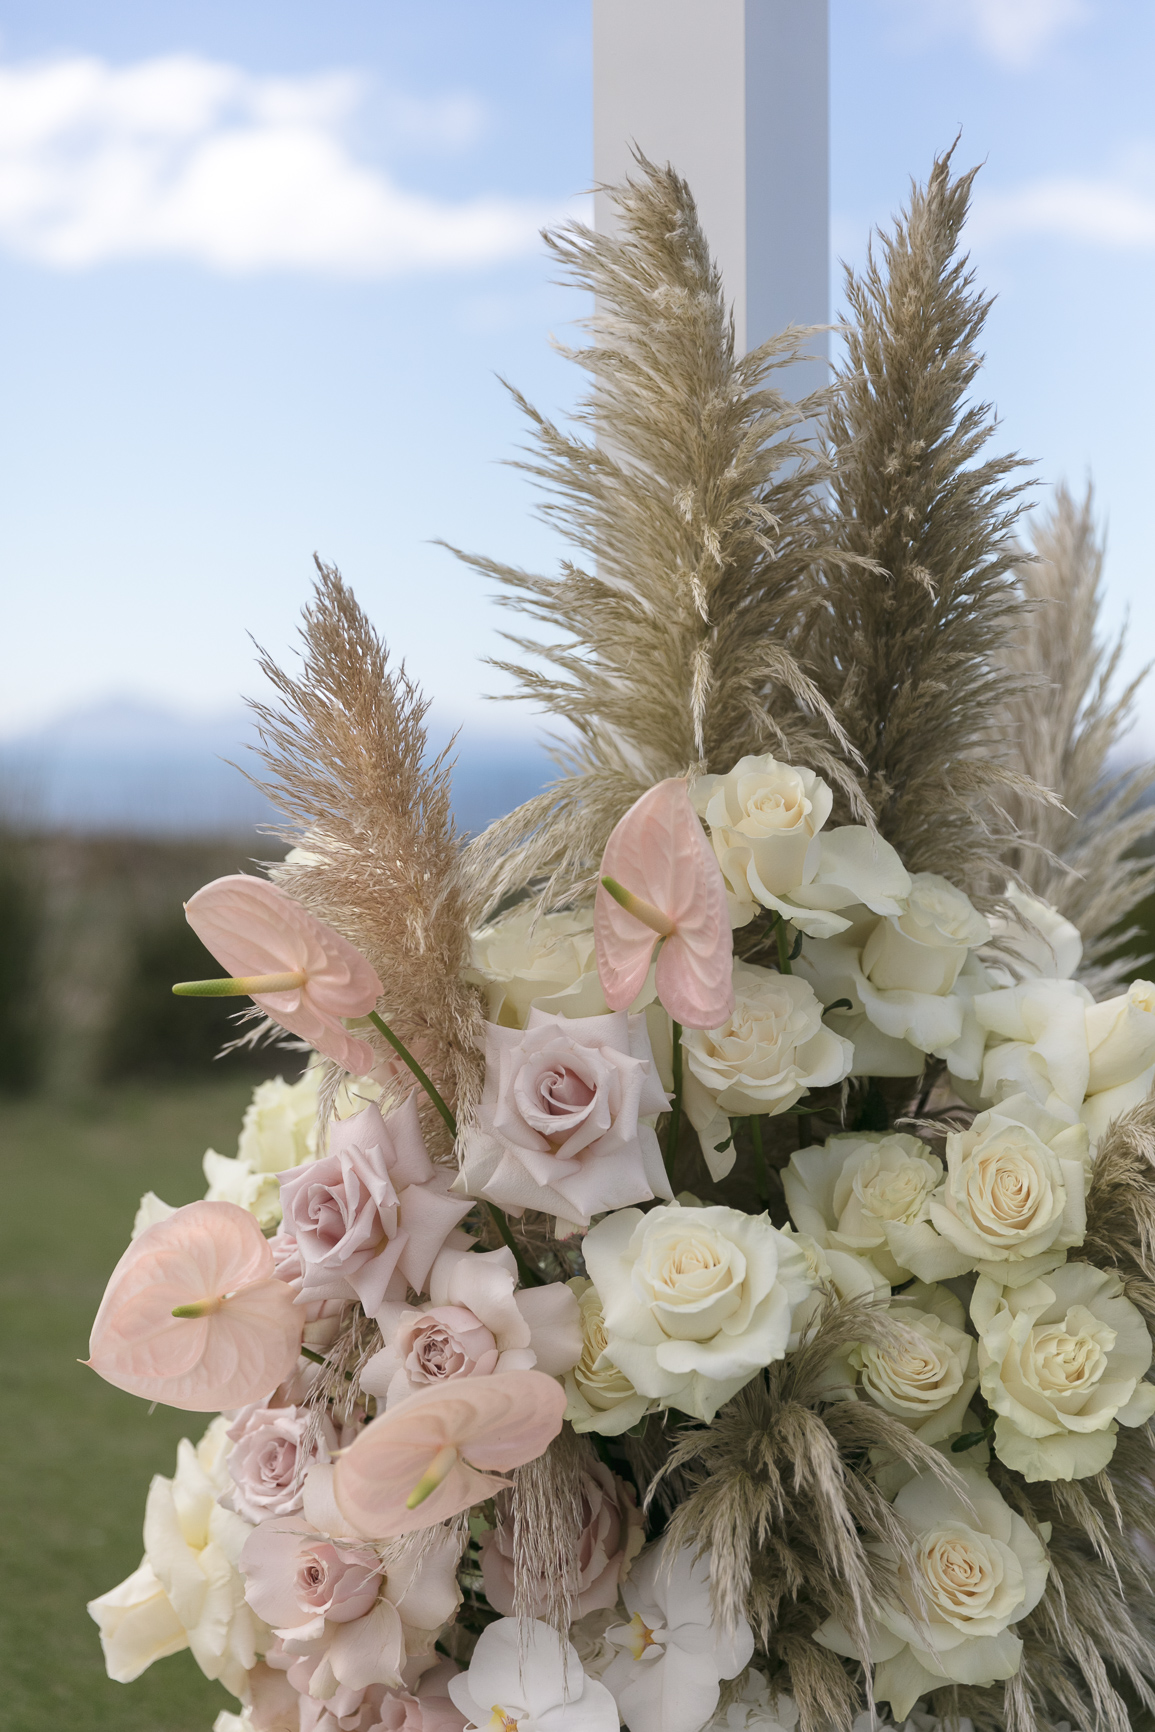 ©MichelleWeir-Blush-TaraIti-Wedding-72dpi-036.jpg